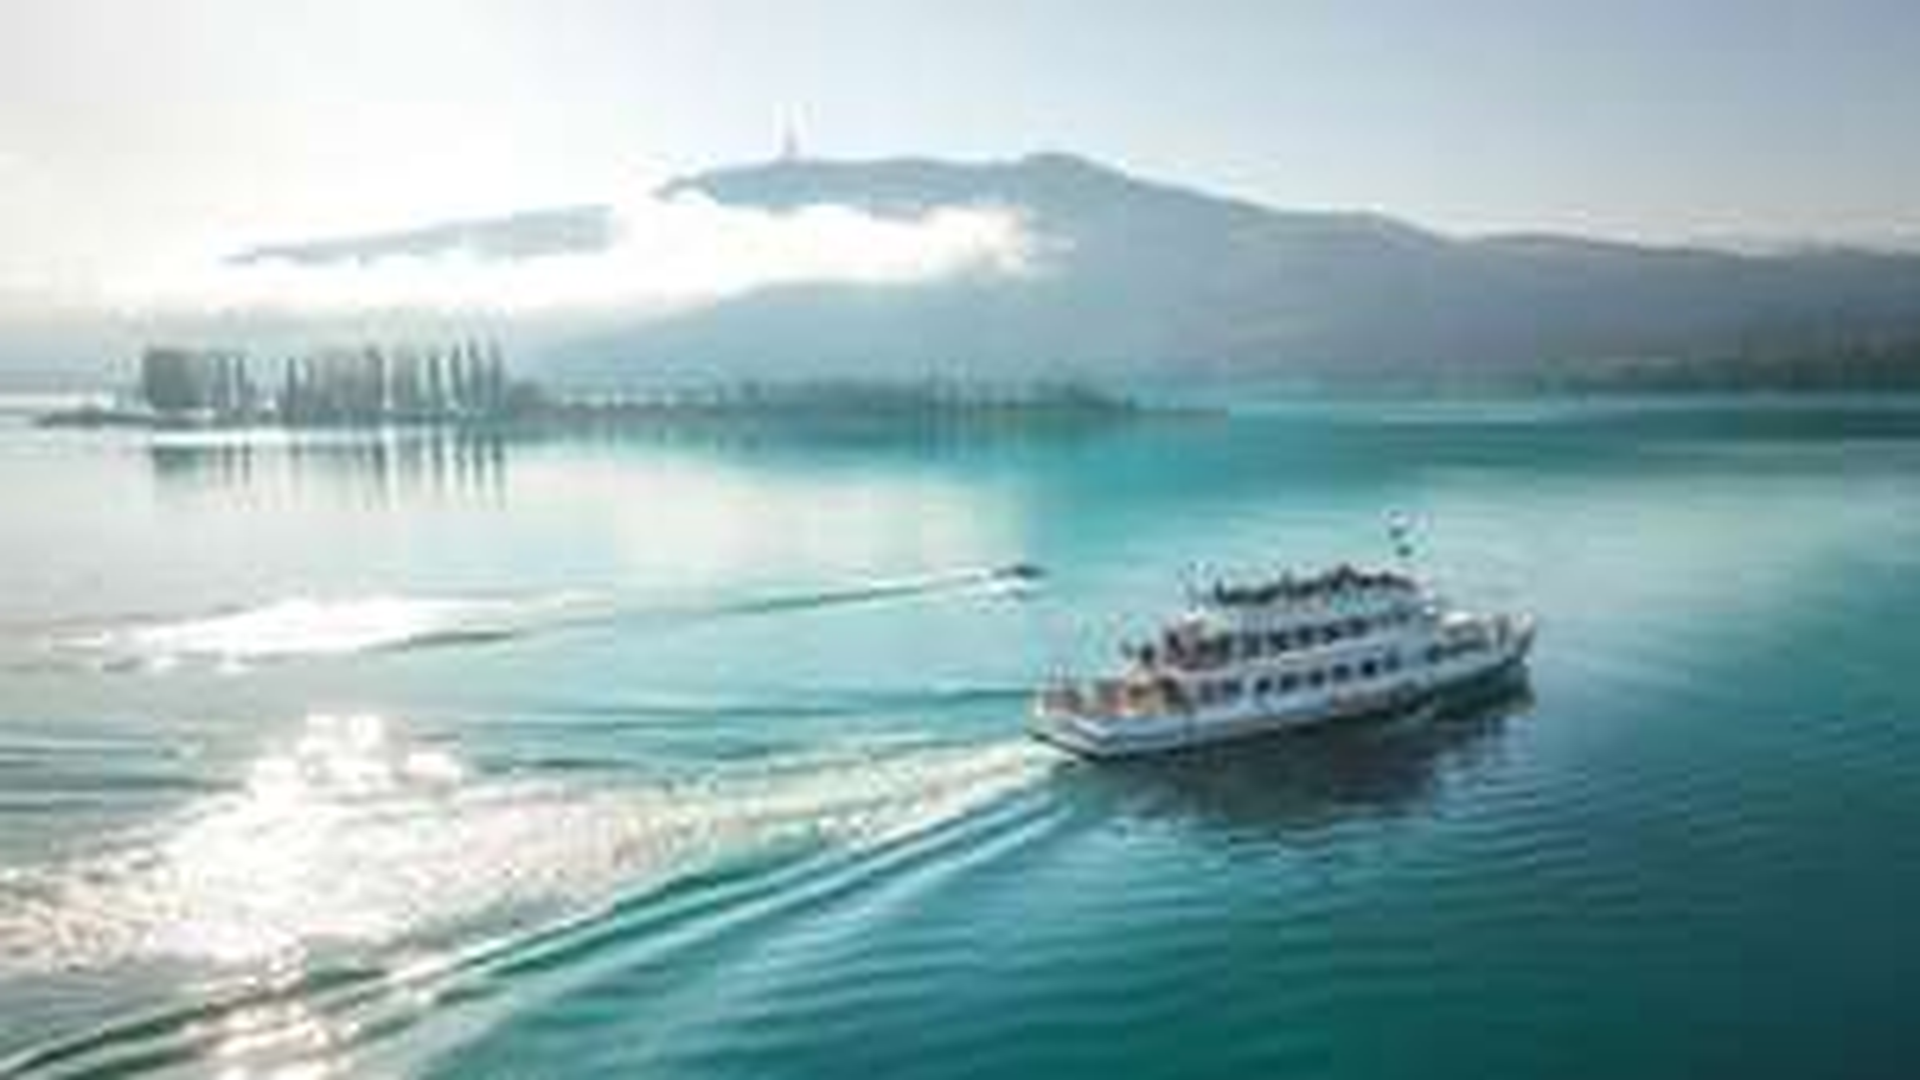 Lokal oder für Urlauber direkt in Klagenfurt/Velden/Pörtschach usw.l Wörthersee Schifffahrt -25% Rabatt auf Tickets l Tickets mit Frühstück